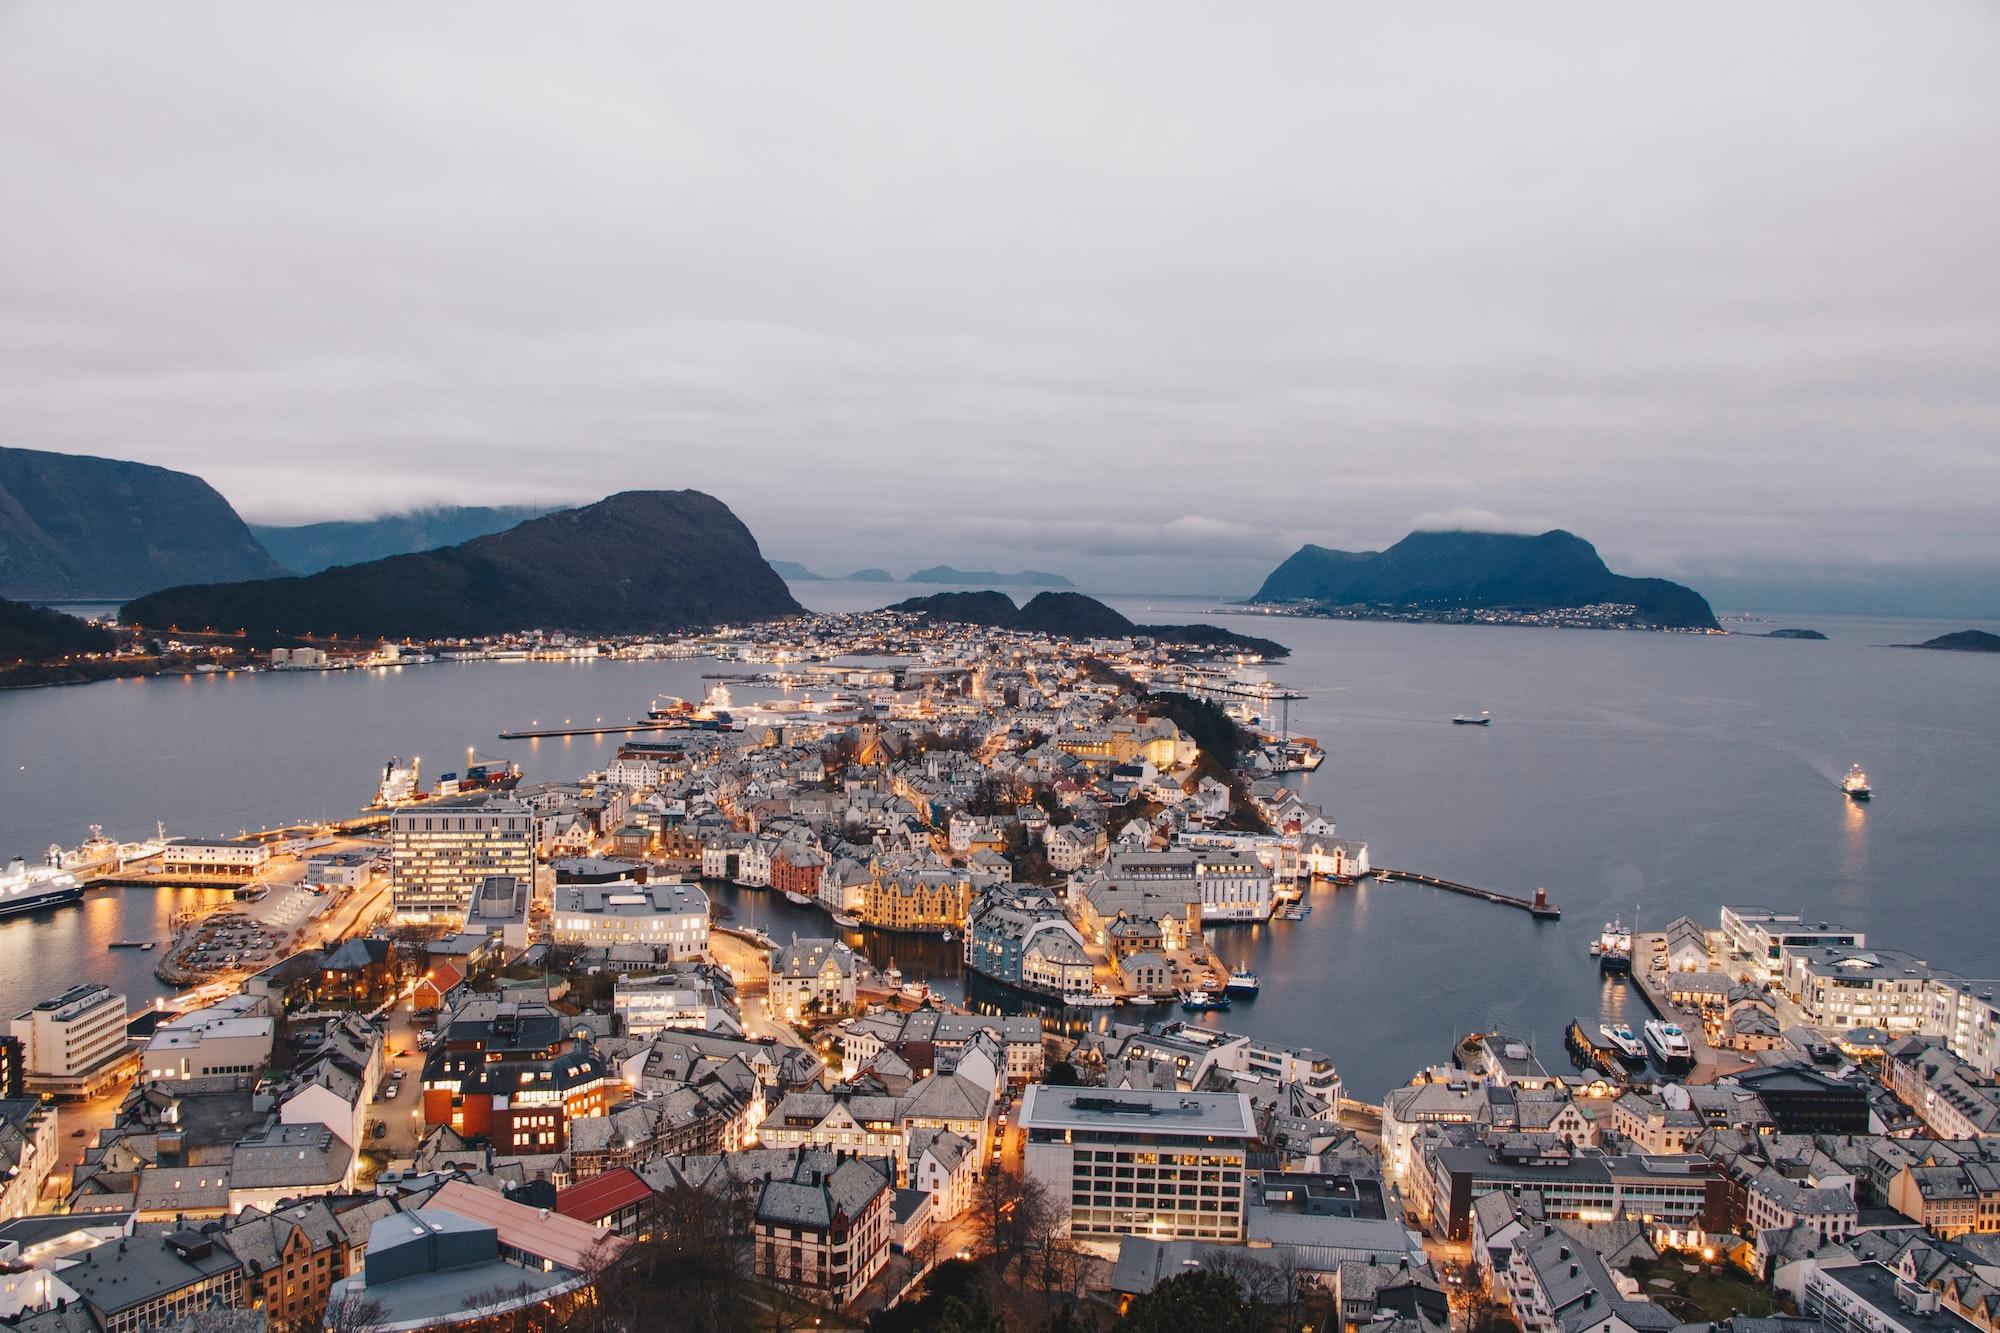 Norveç, İskoçya Ve Kuzey Amerika Kıyılarında Buzulların Oluşturdukları Dik Yamaçlı, Derin Eski Buzul Koyaklarının Aşağı Kesimlerinin Deniz Altında Kalmasıyla Oluşan Körfez Bulmaca Anlamı Nedir?